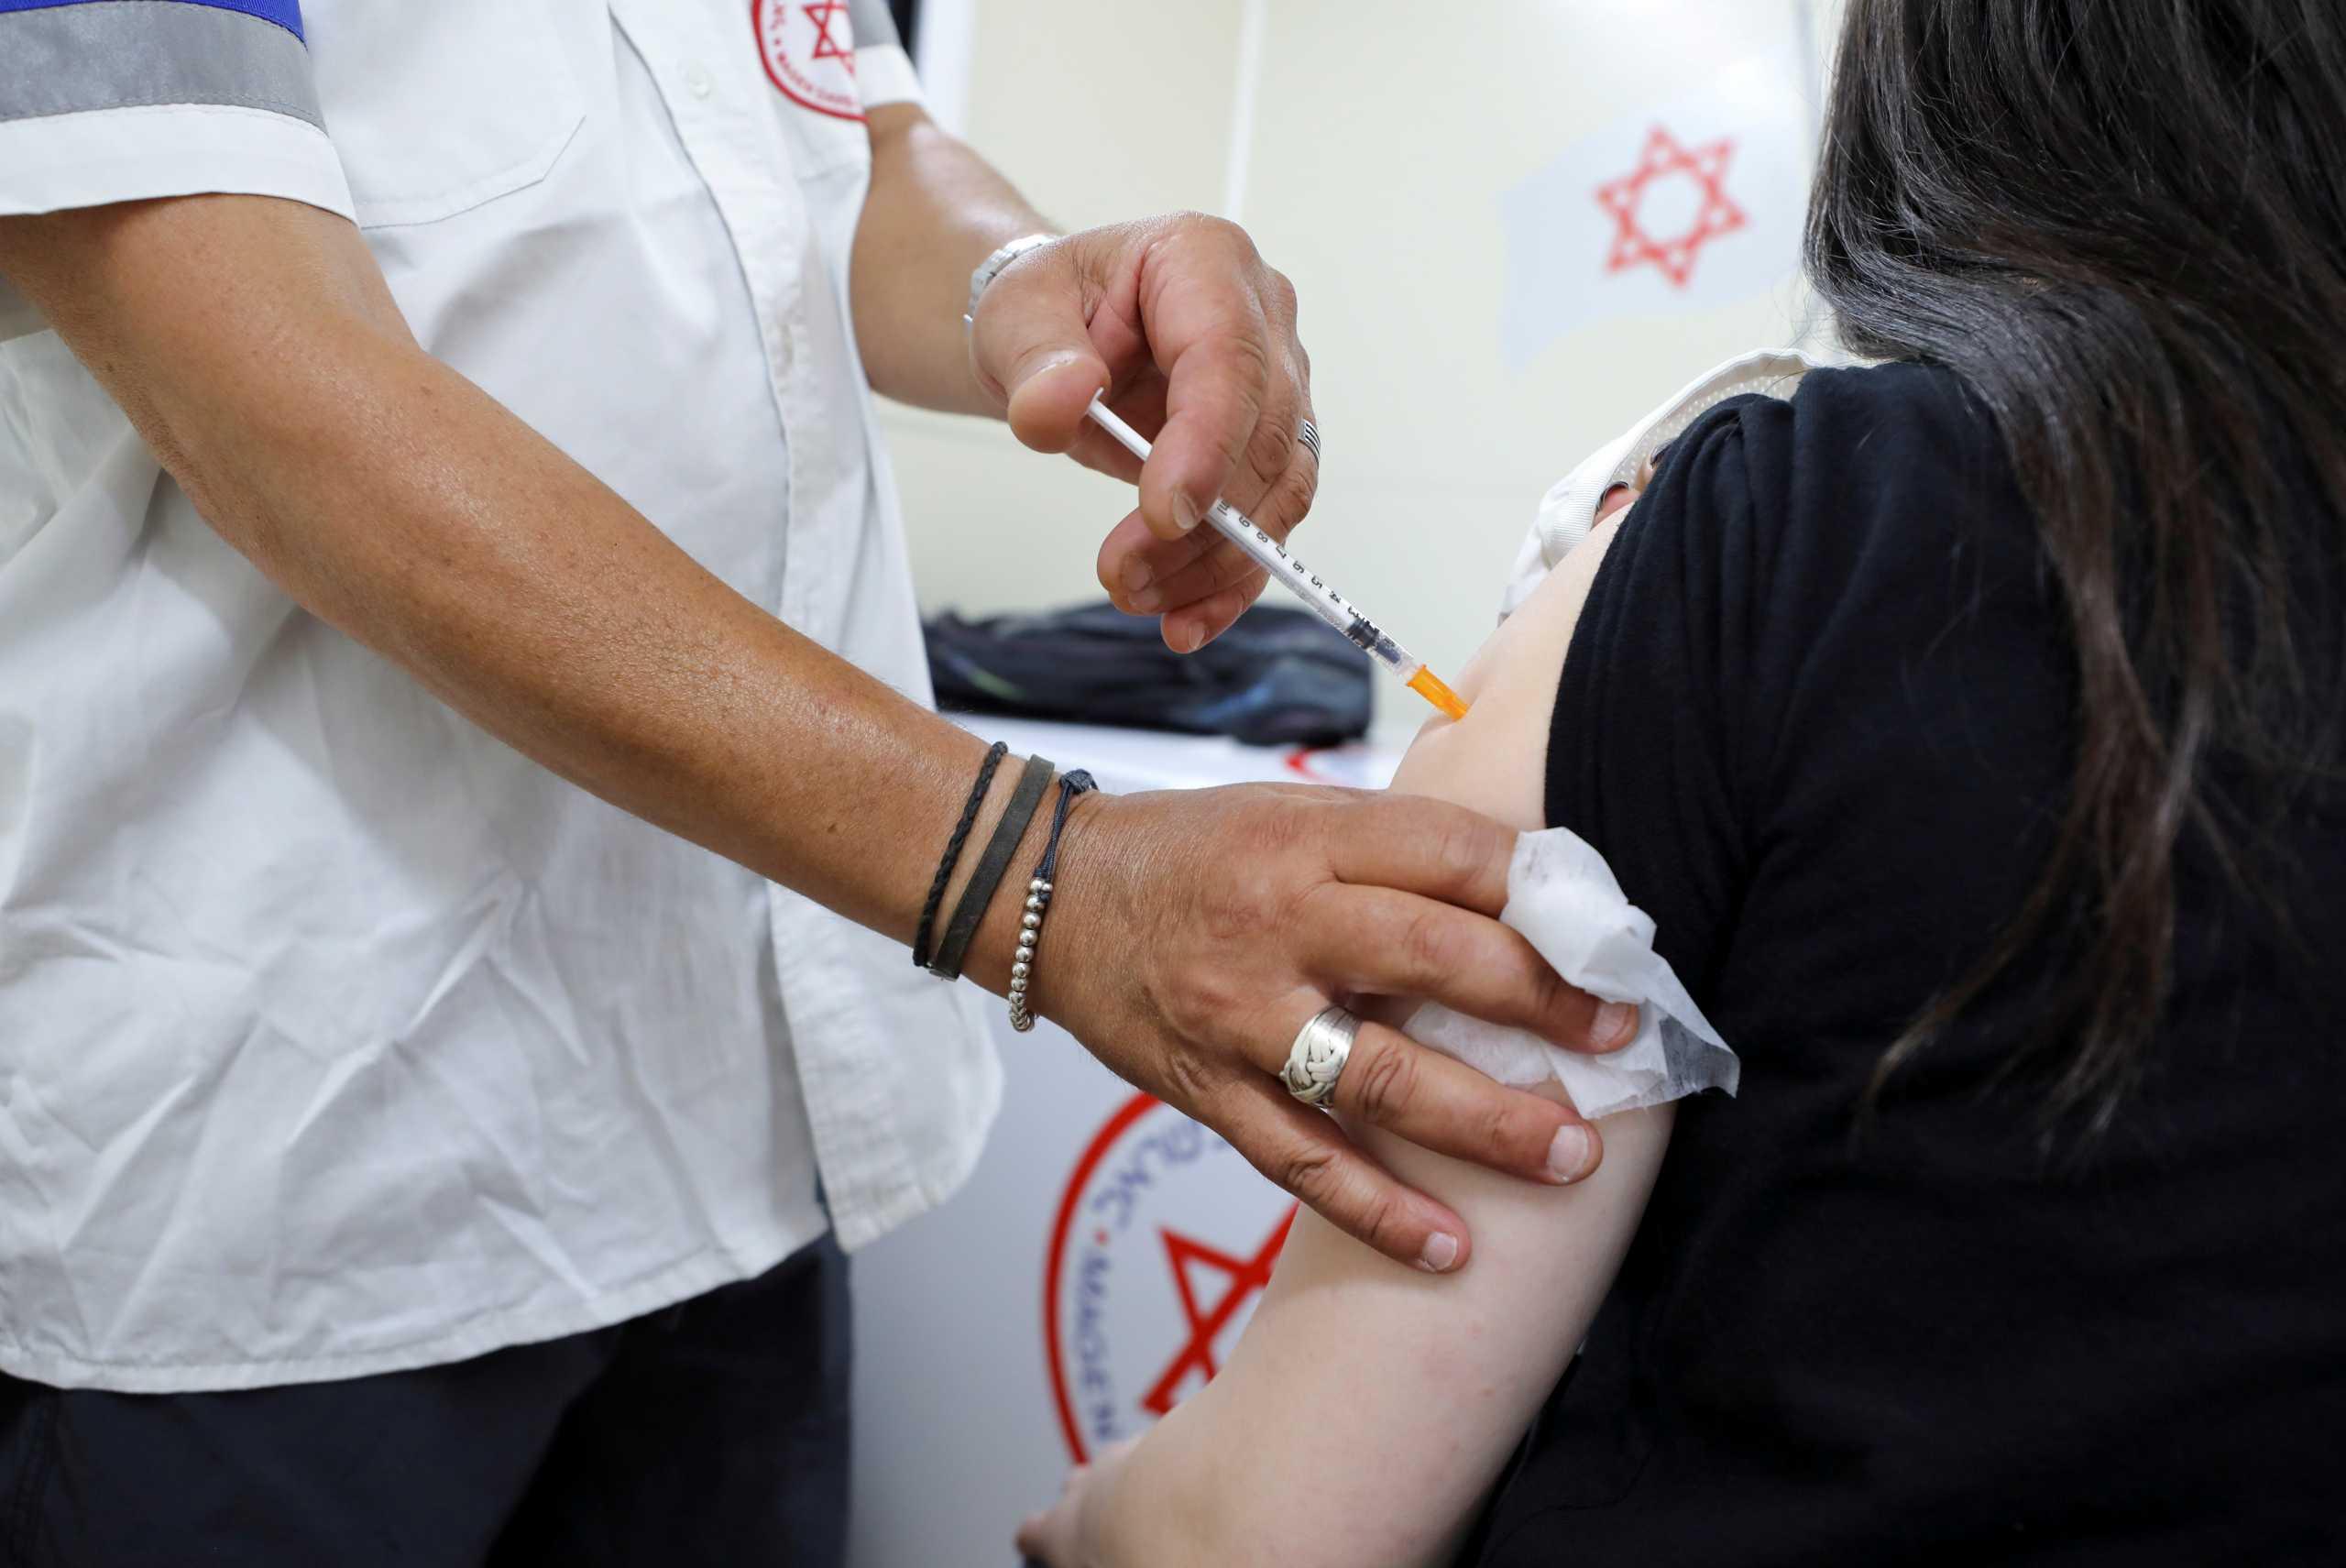 Πάνω από 1.900 κρούσματα κορονοϊού στο Ισραήλ το τελευταίο 24ωρο